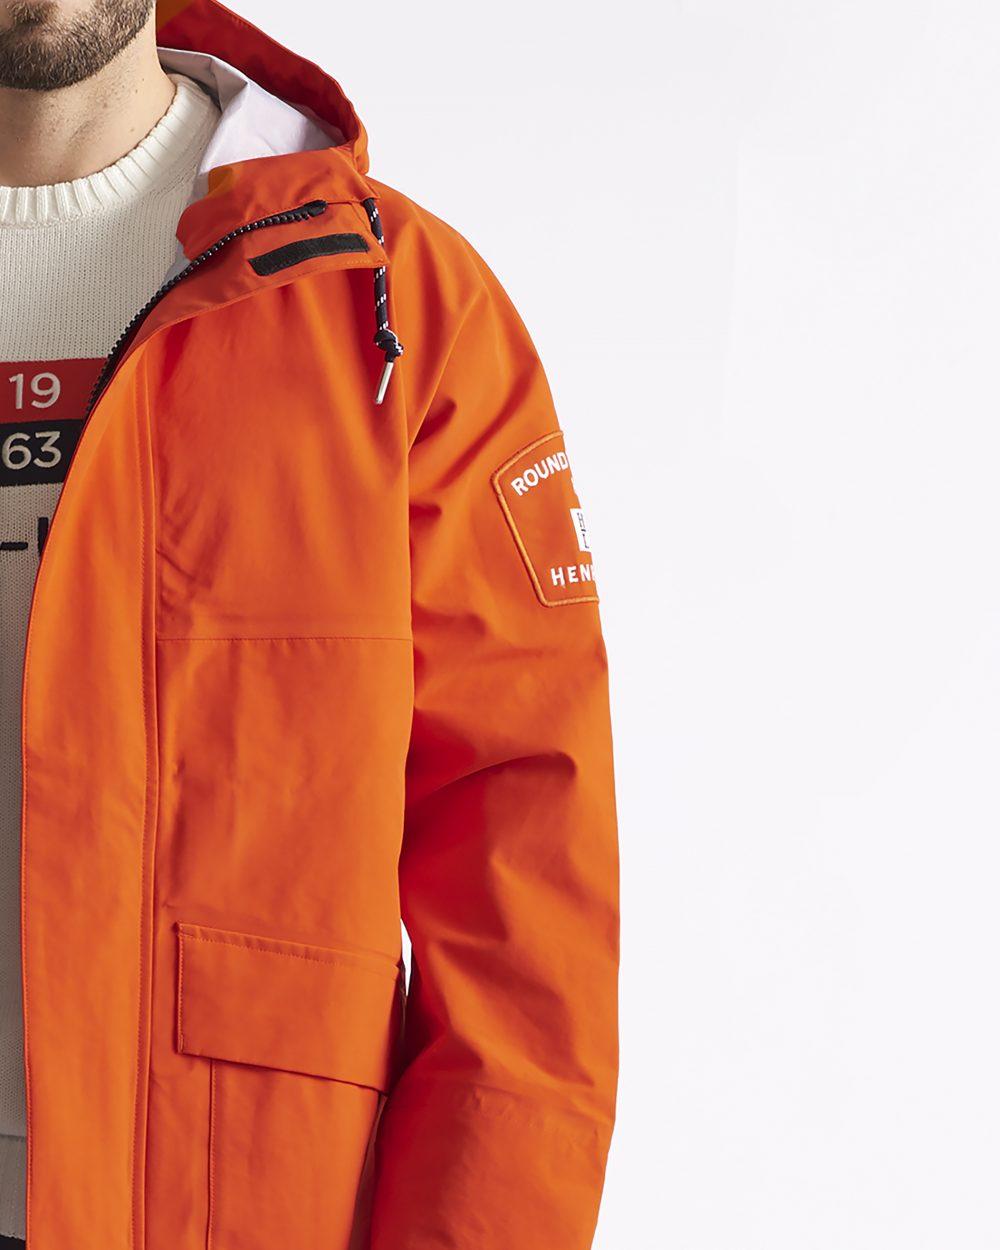 Yksityiskohta miesten oranssista takista